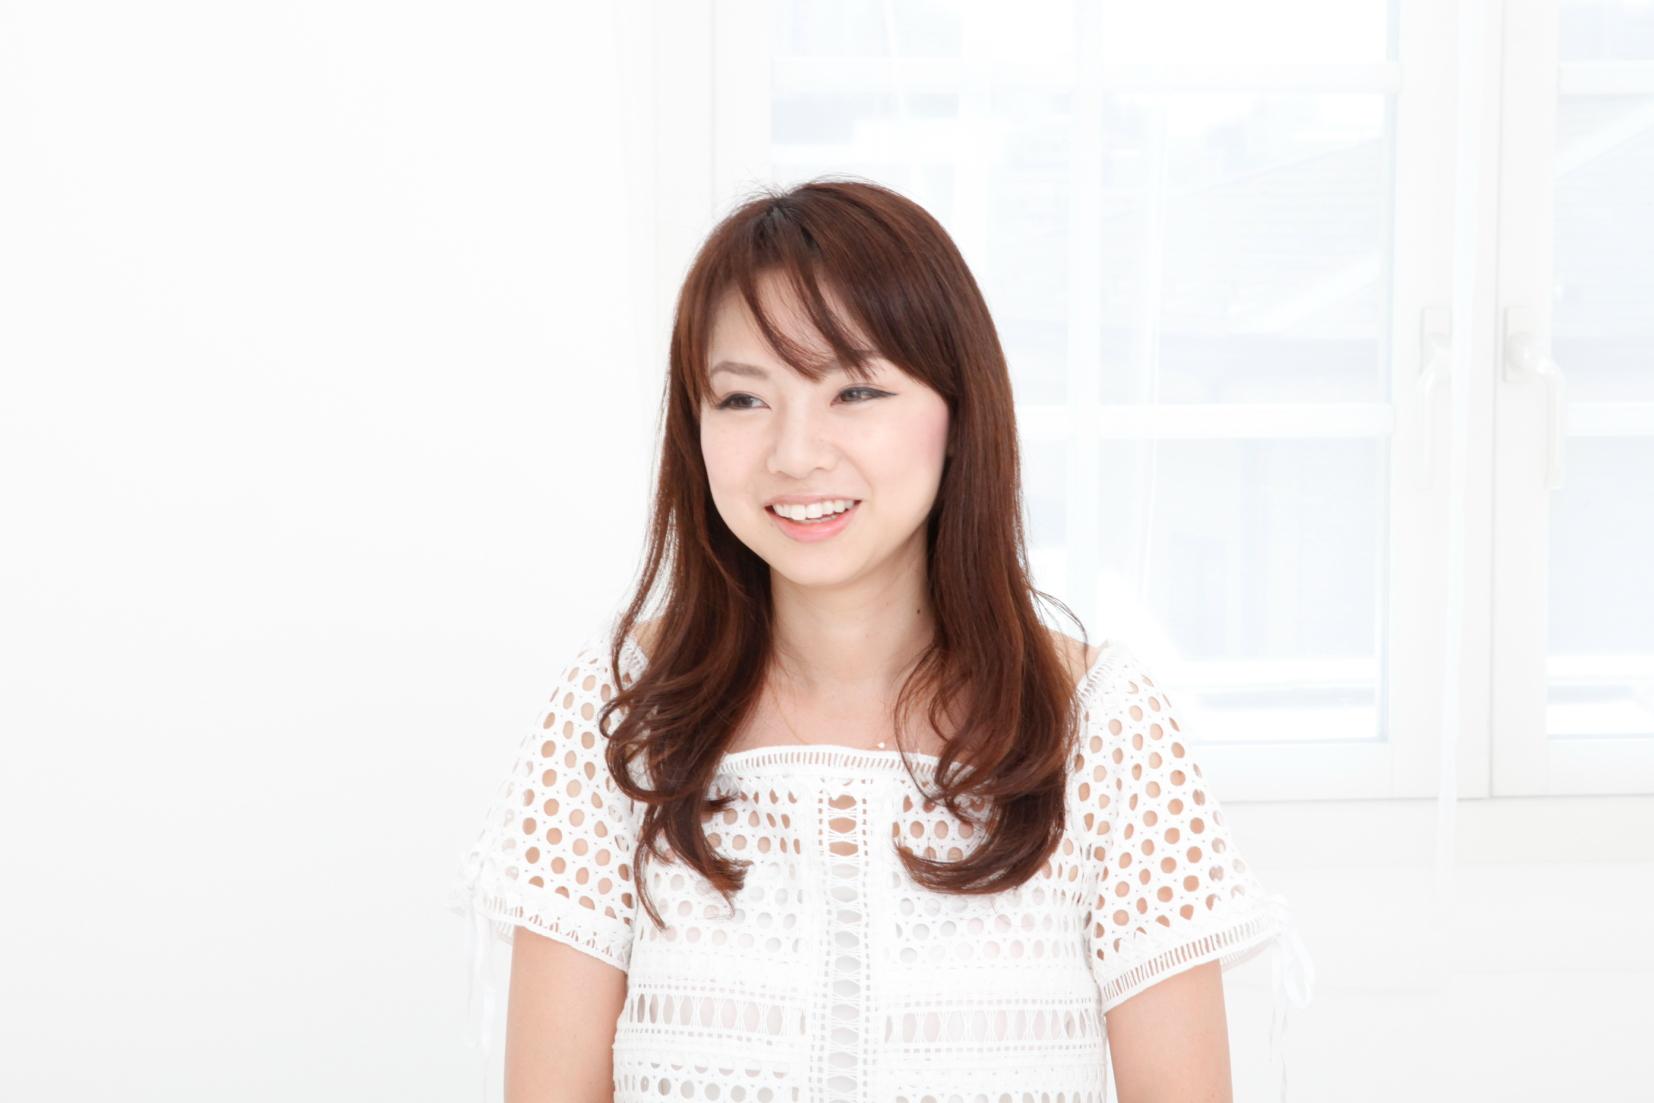 柴本愛沙さん(anan総研 No.18)